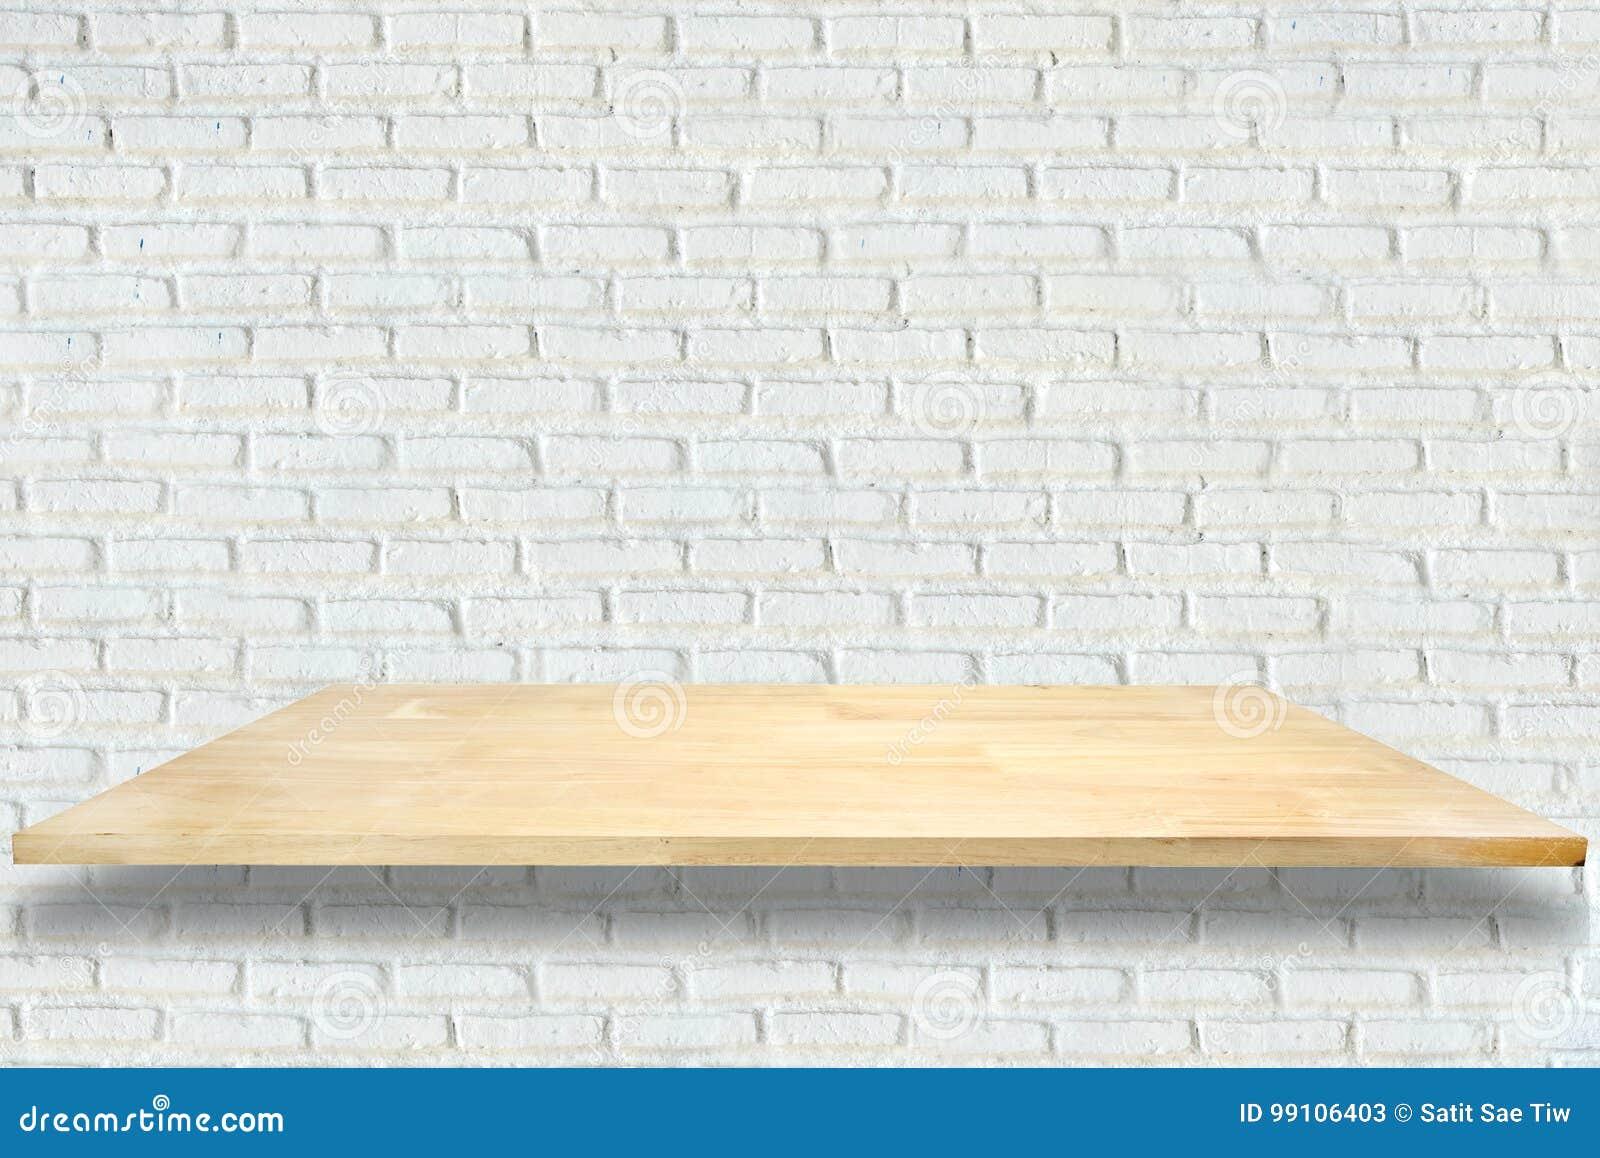 Hölzerne Regale und weißer Backsteinmauerhintergrund